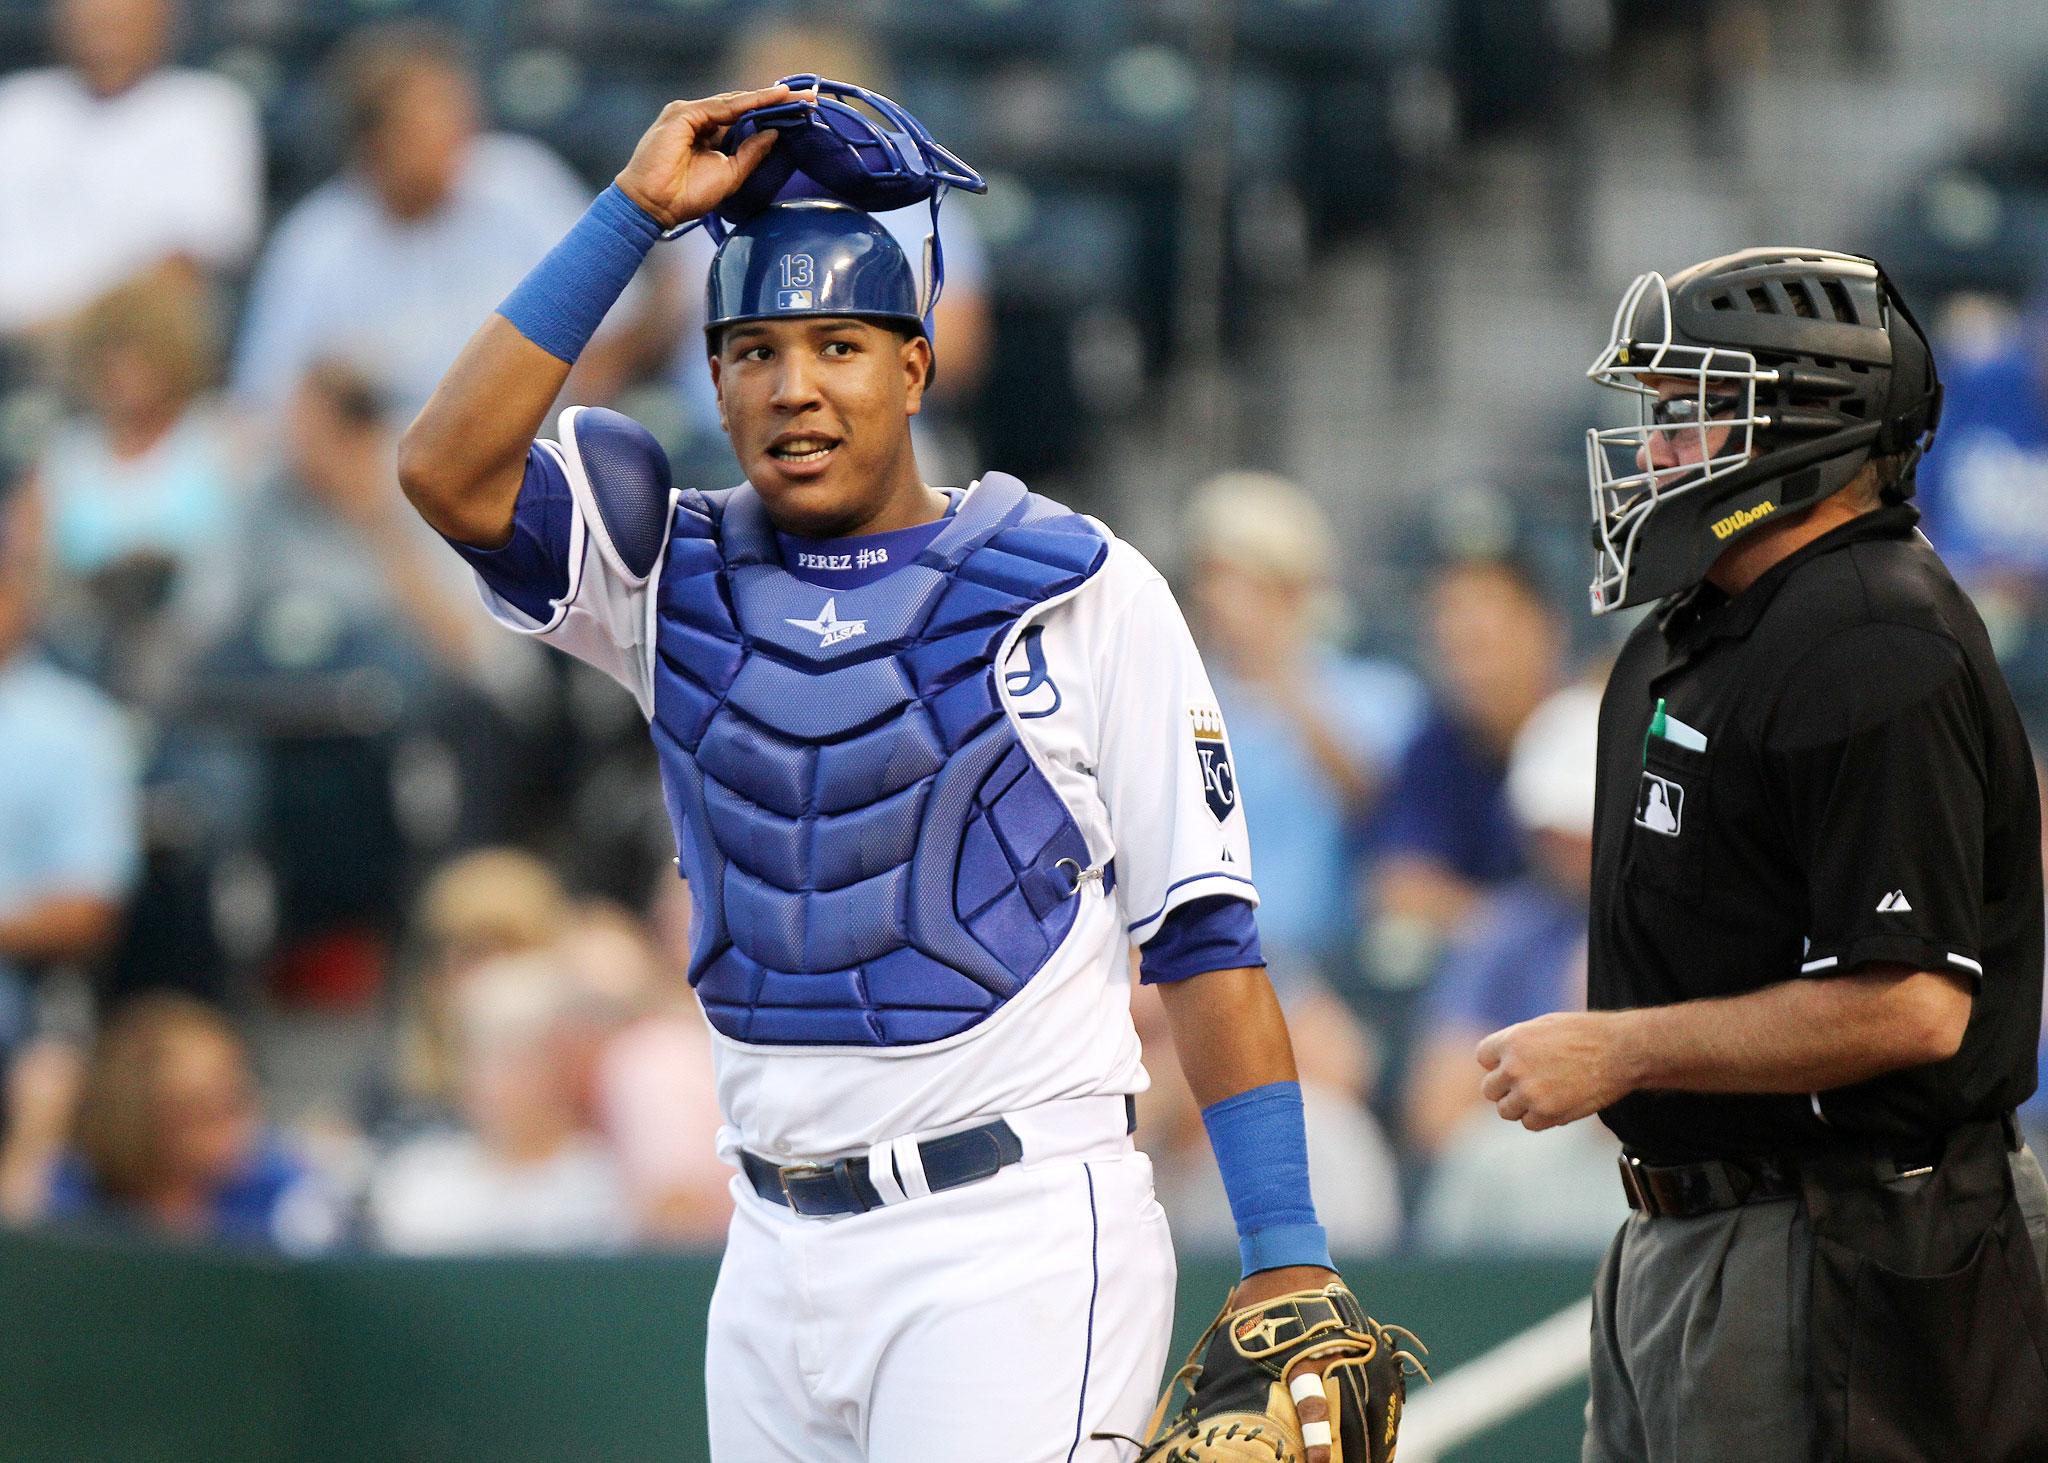 Catcher: Salvador Perez